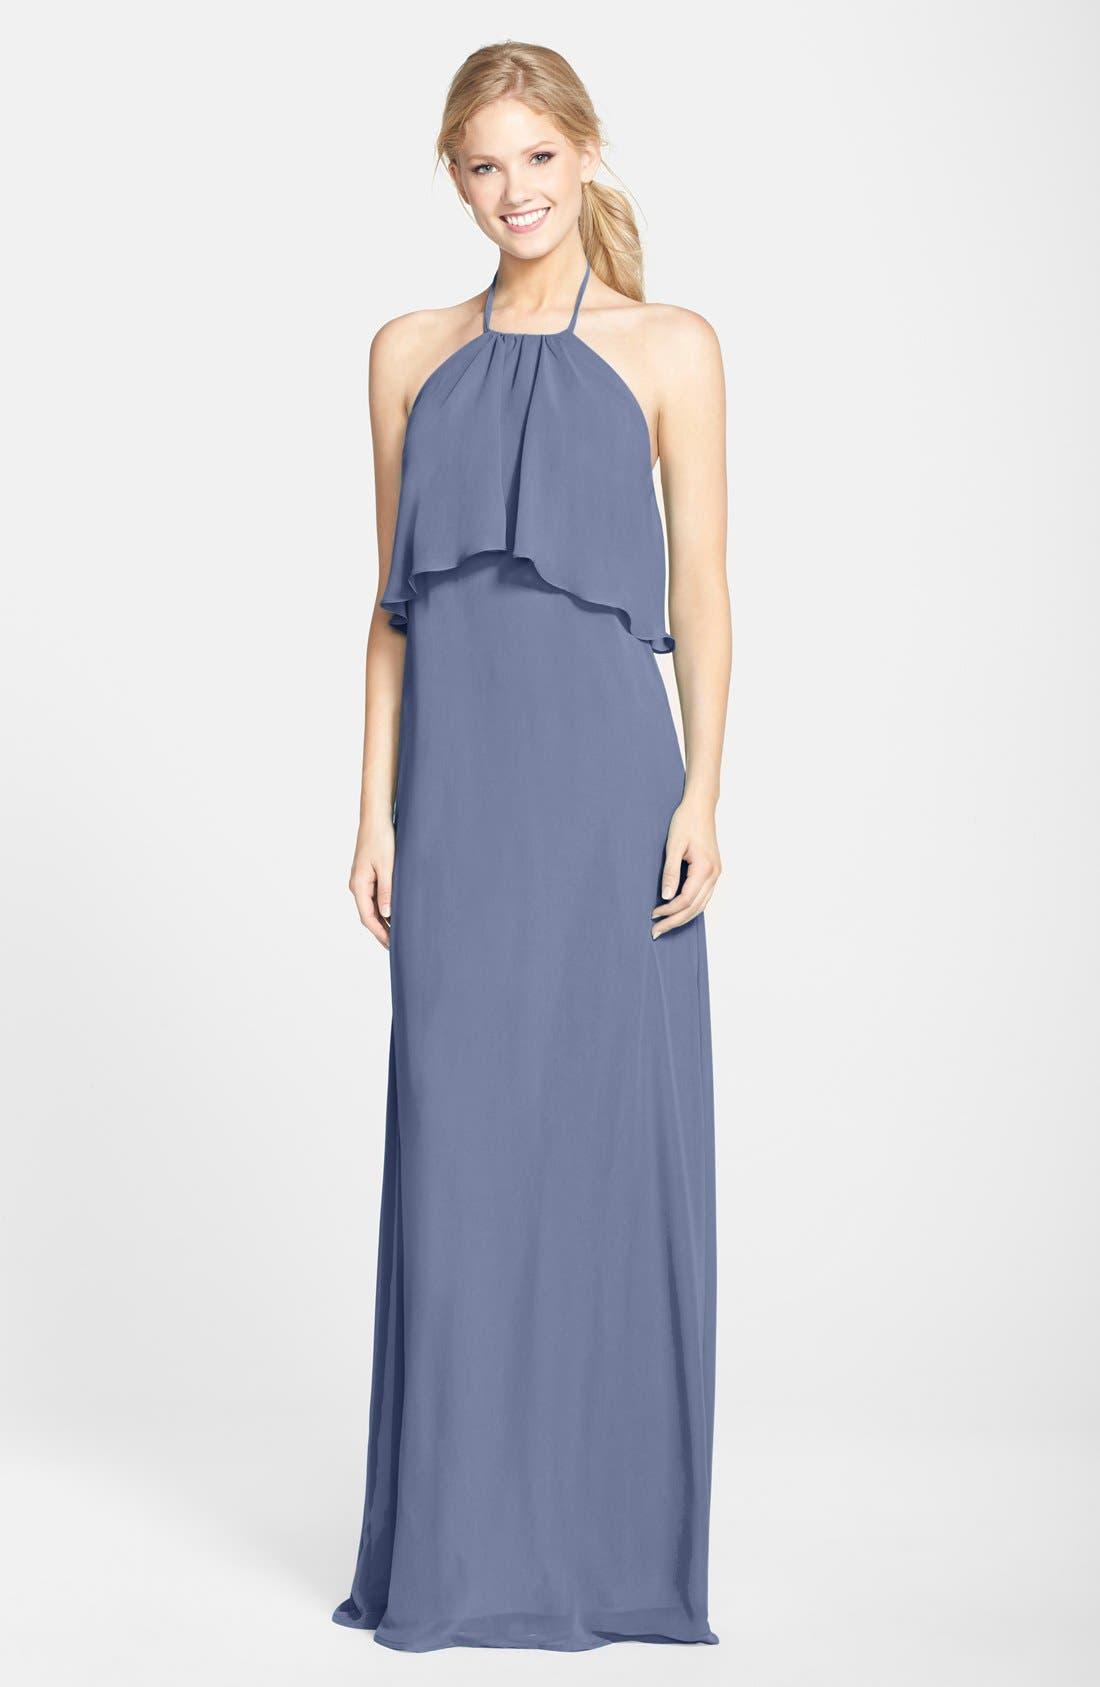 Main Image - nouvelle AMSALE 'Cait' Chiffon Halter Gown